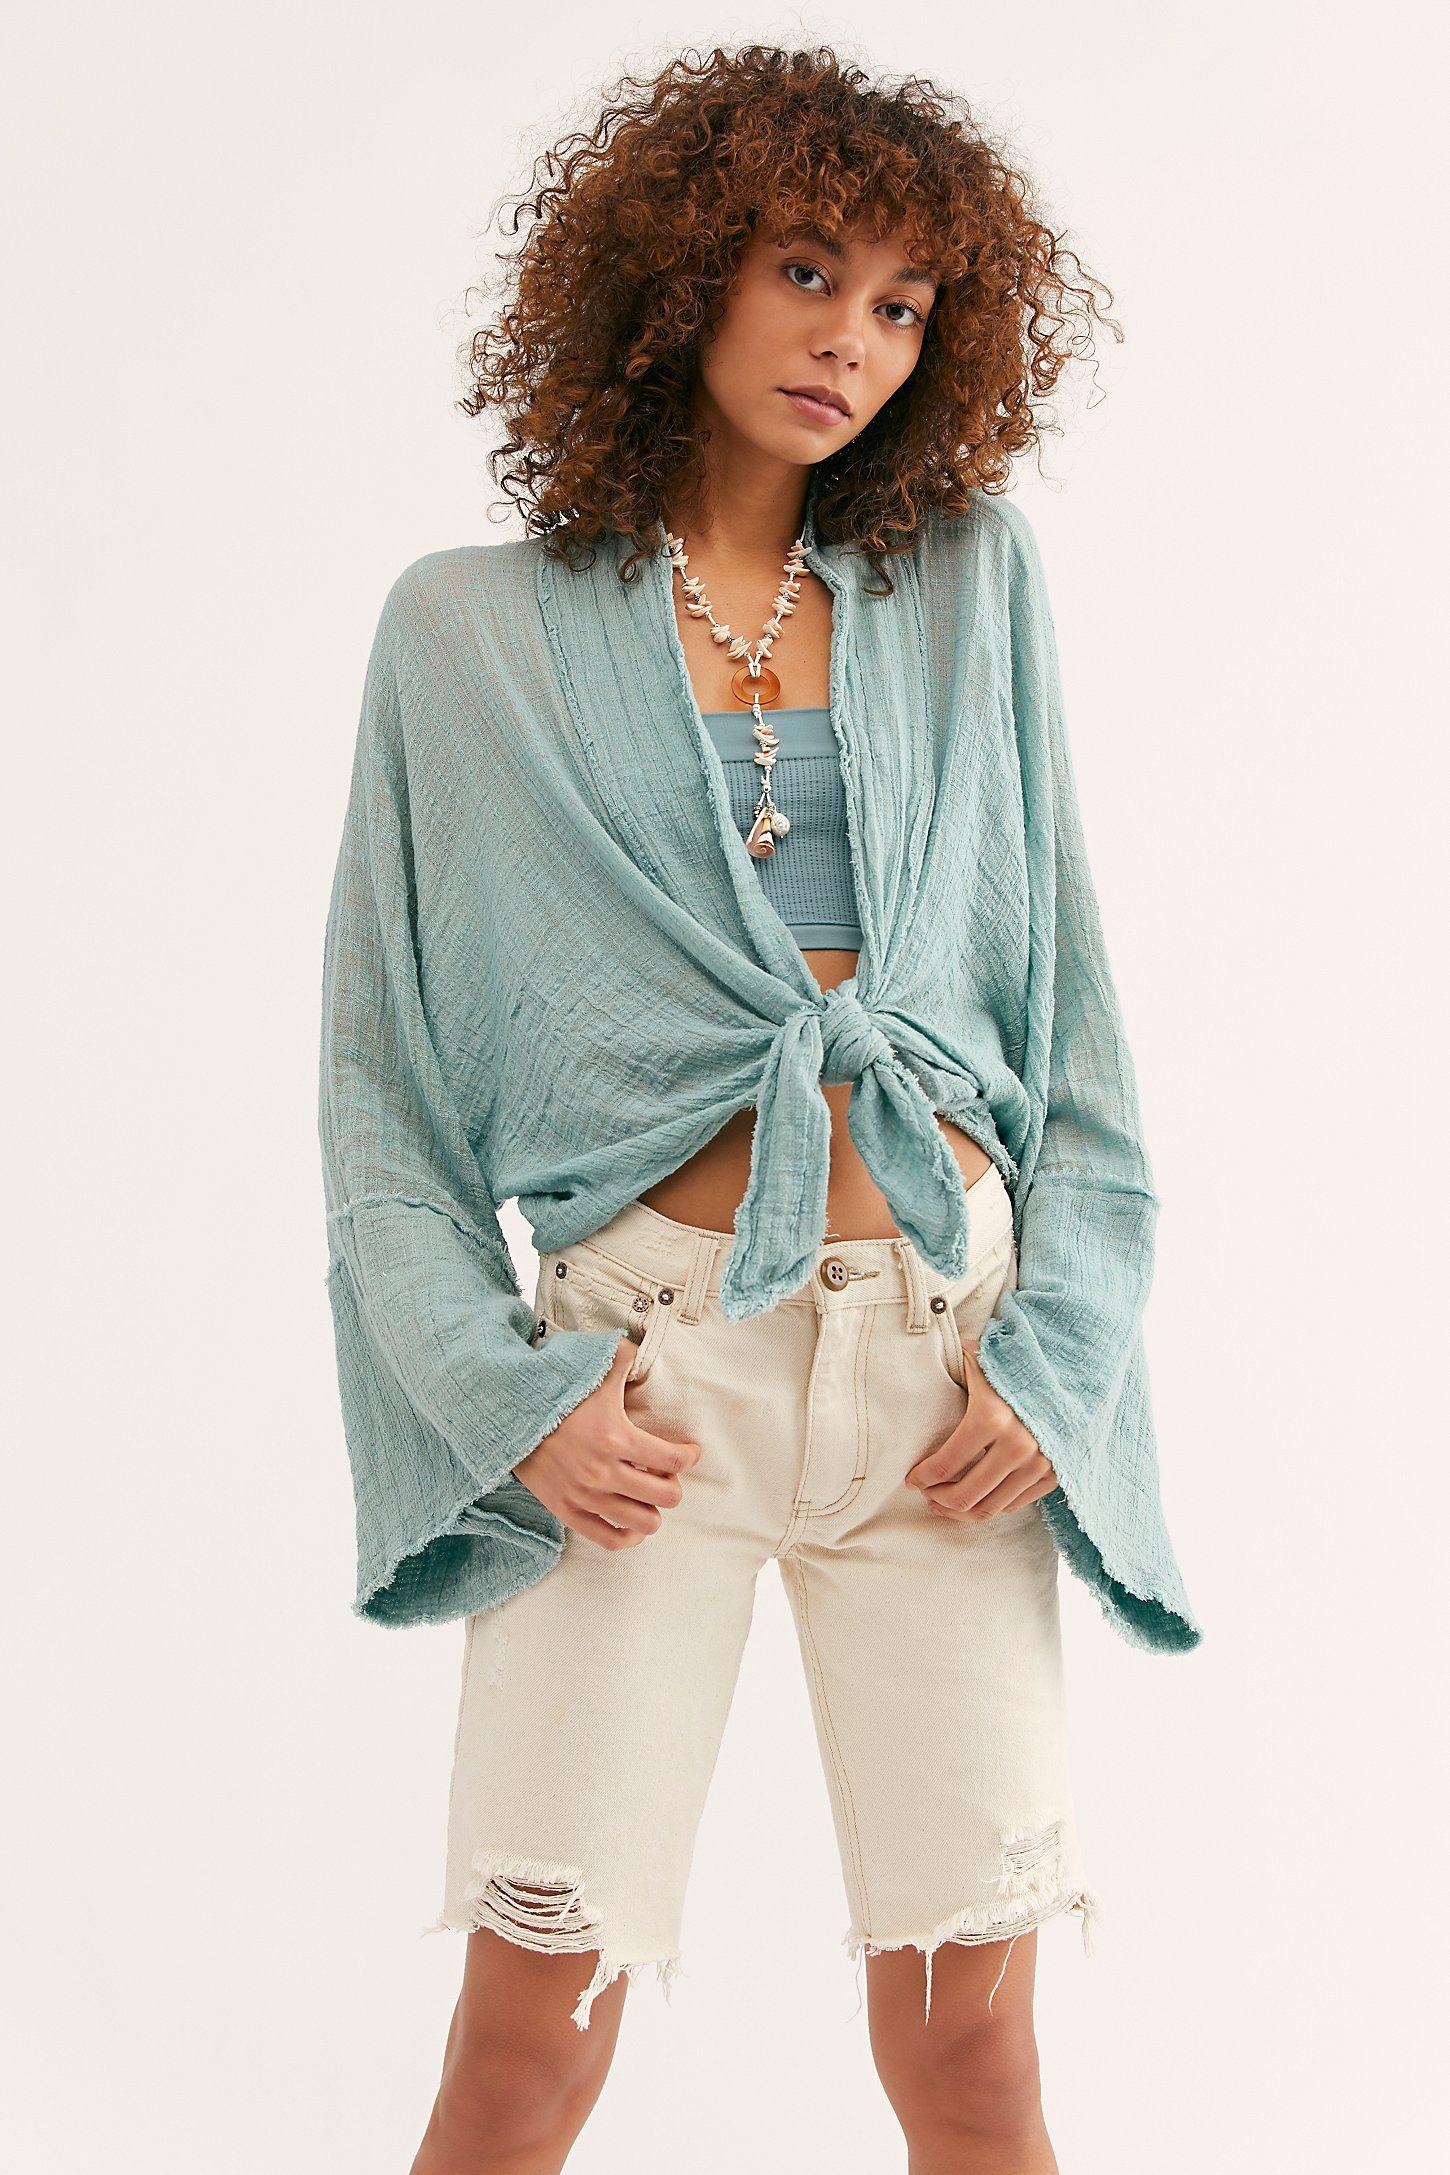 Slide View 2: FP One Azalea Kimono | Kimono style tops